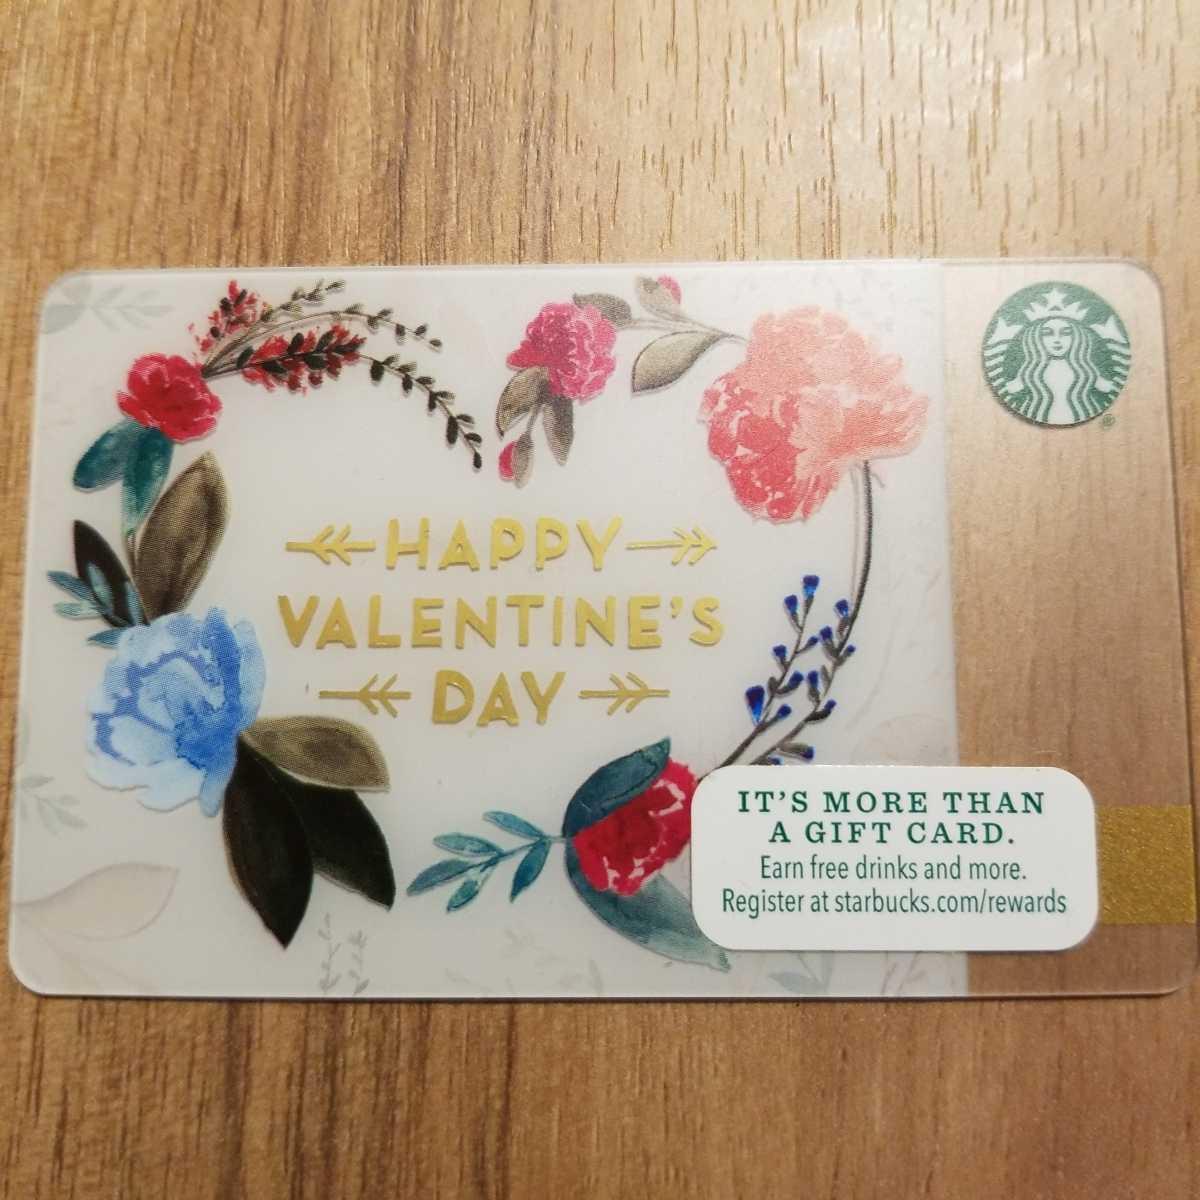 2015 スターバックスカード 海外限定 happyバレンタインデー 未使用 PIN未削り